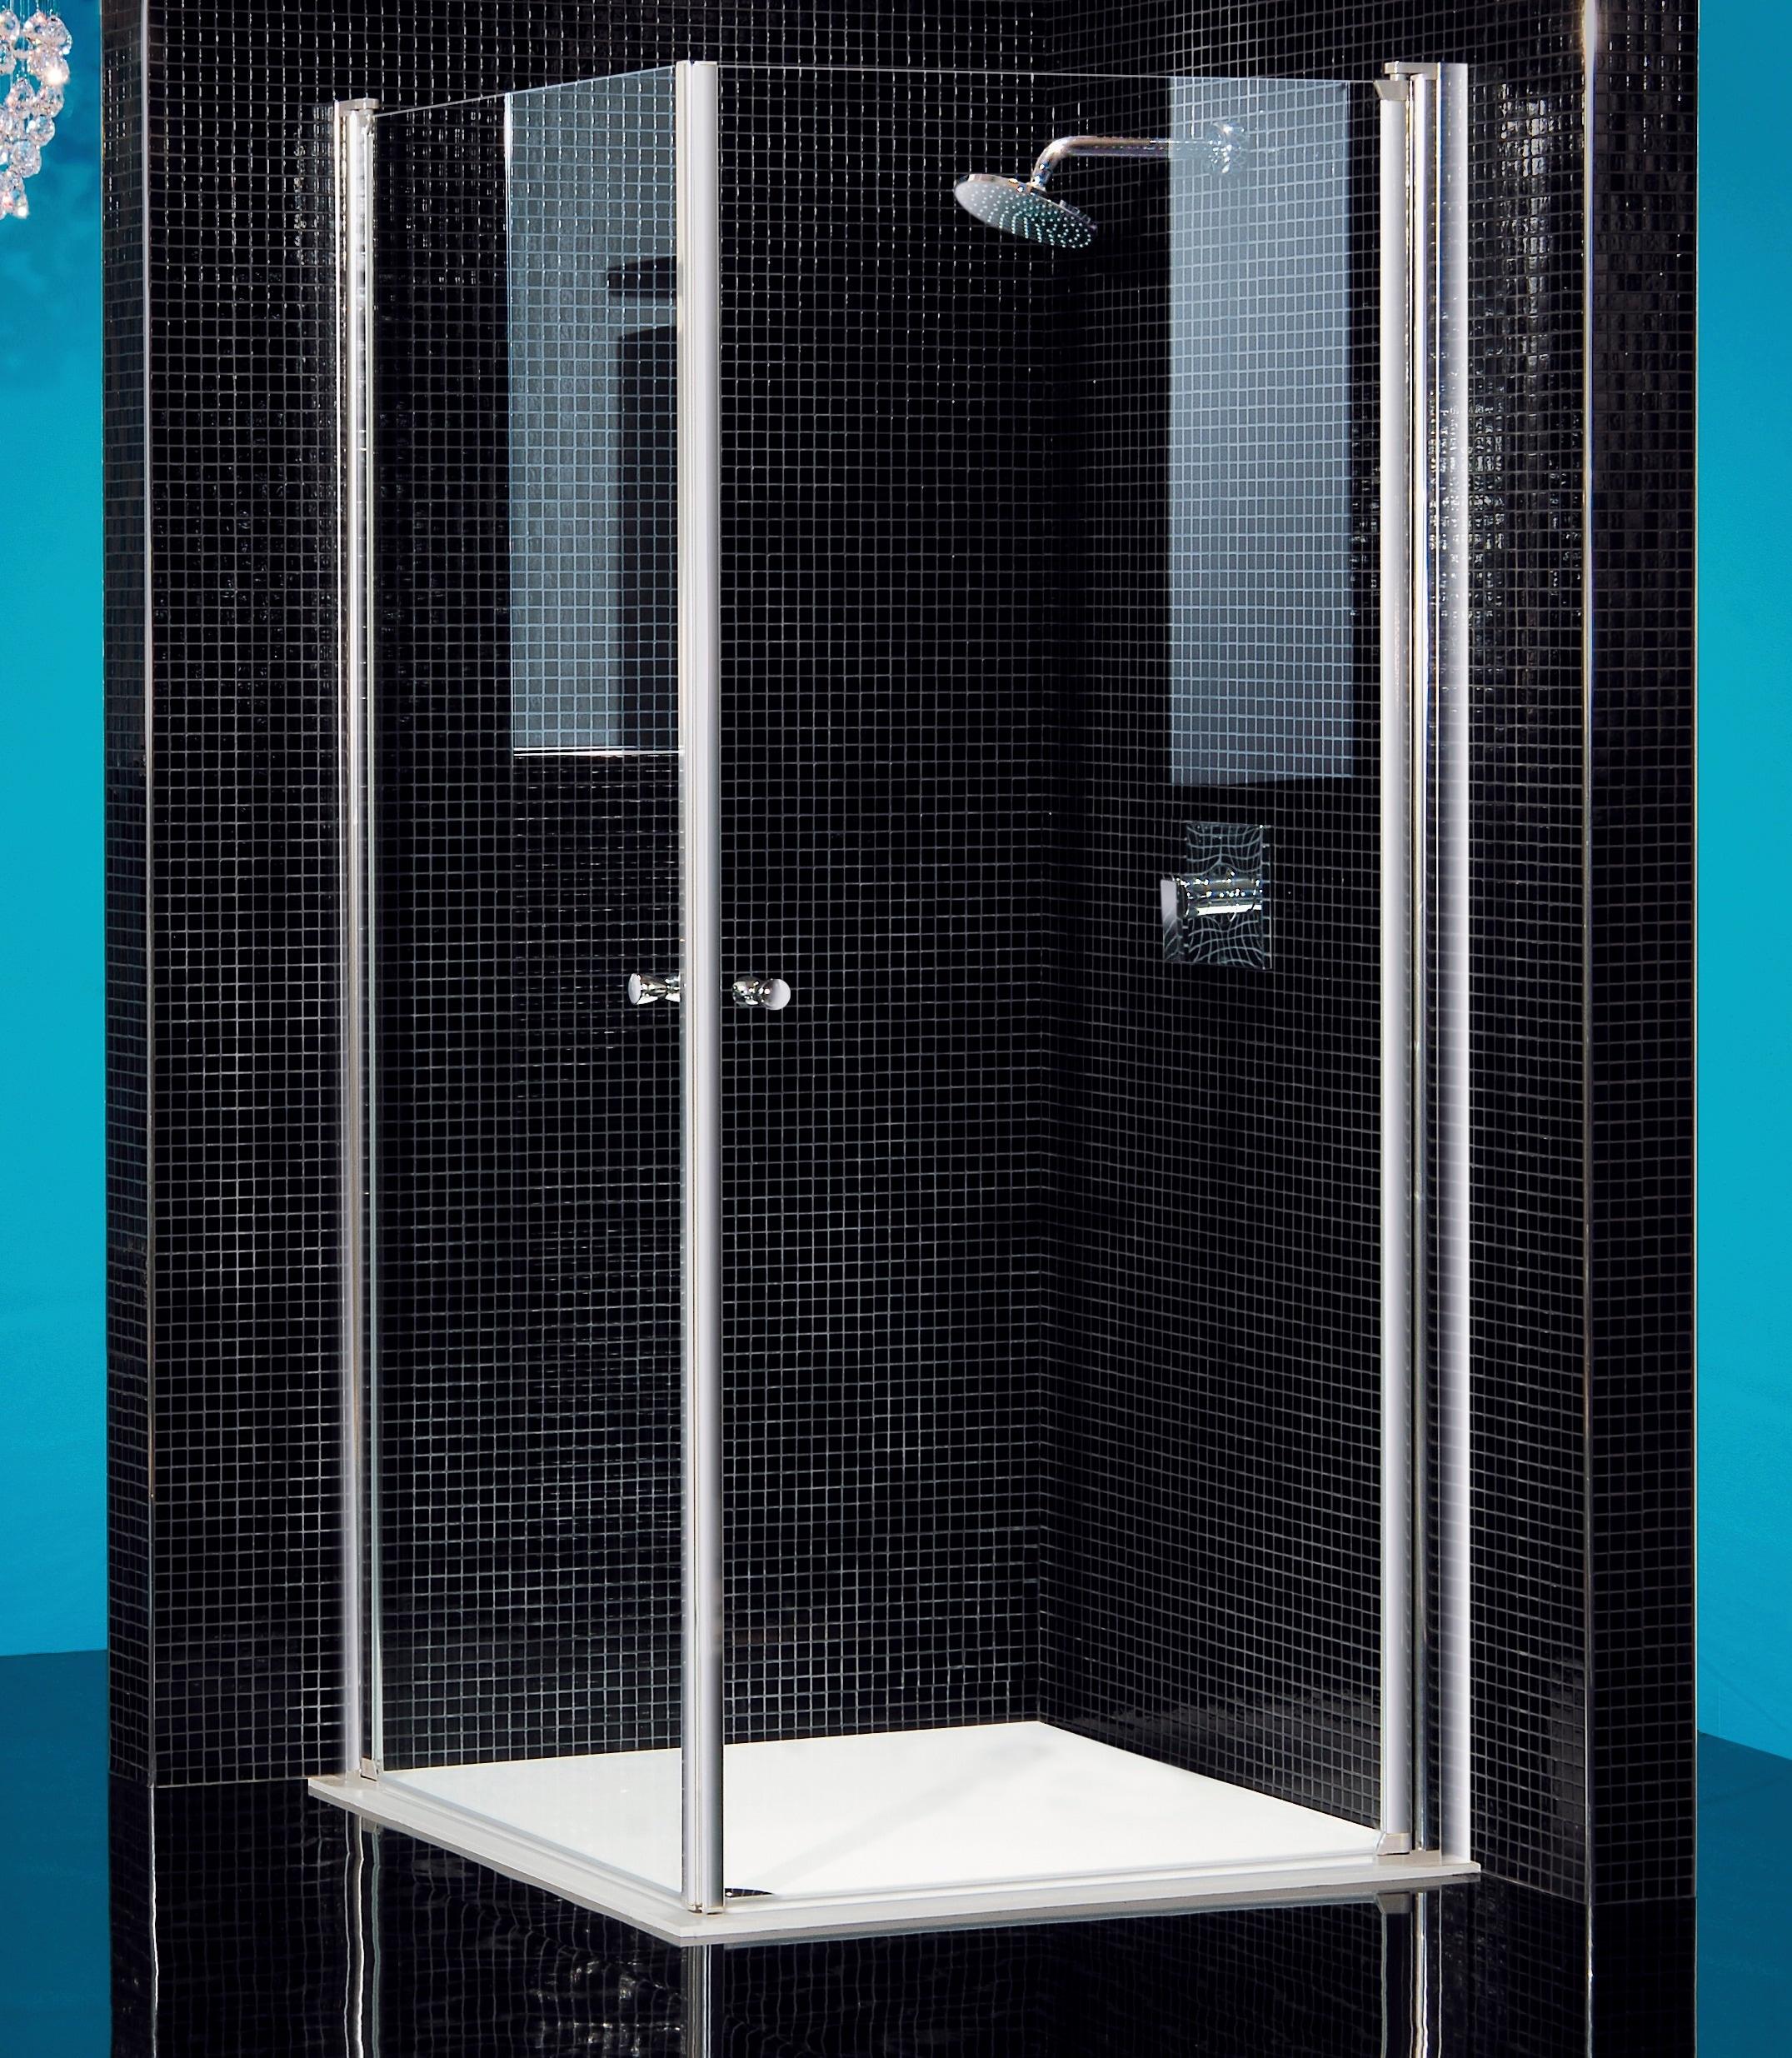 maw Duschwanne eckig, 90 x cm, BxT: cm weiß Duschwannen Duschen Bad Sanitär